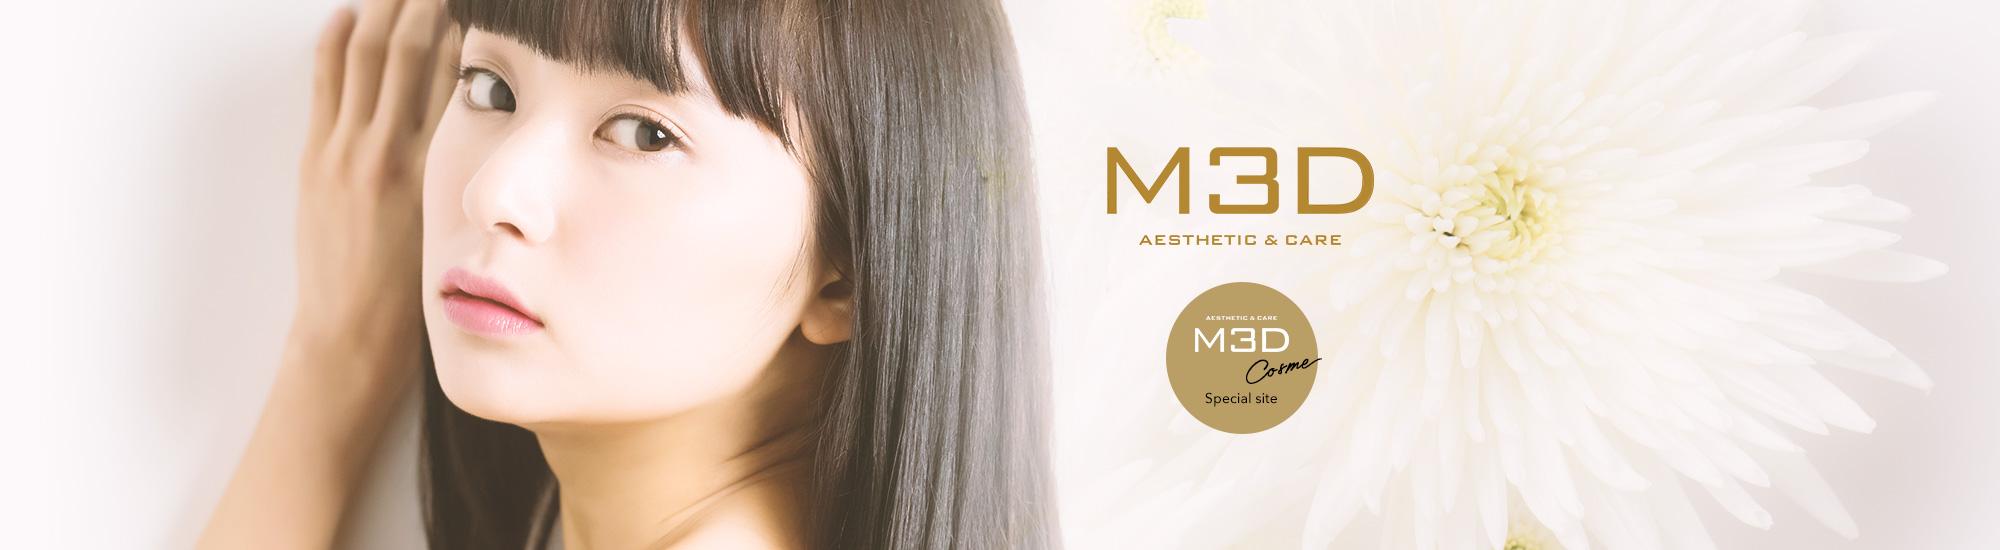 m3d_bnr